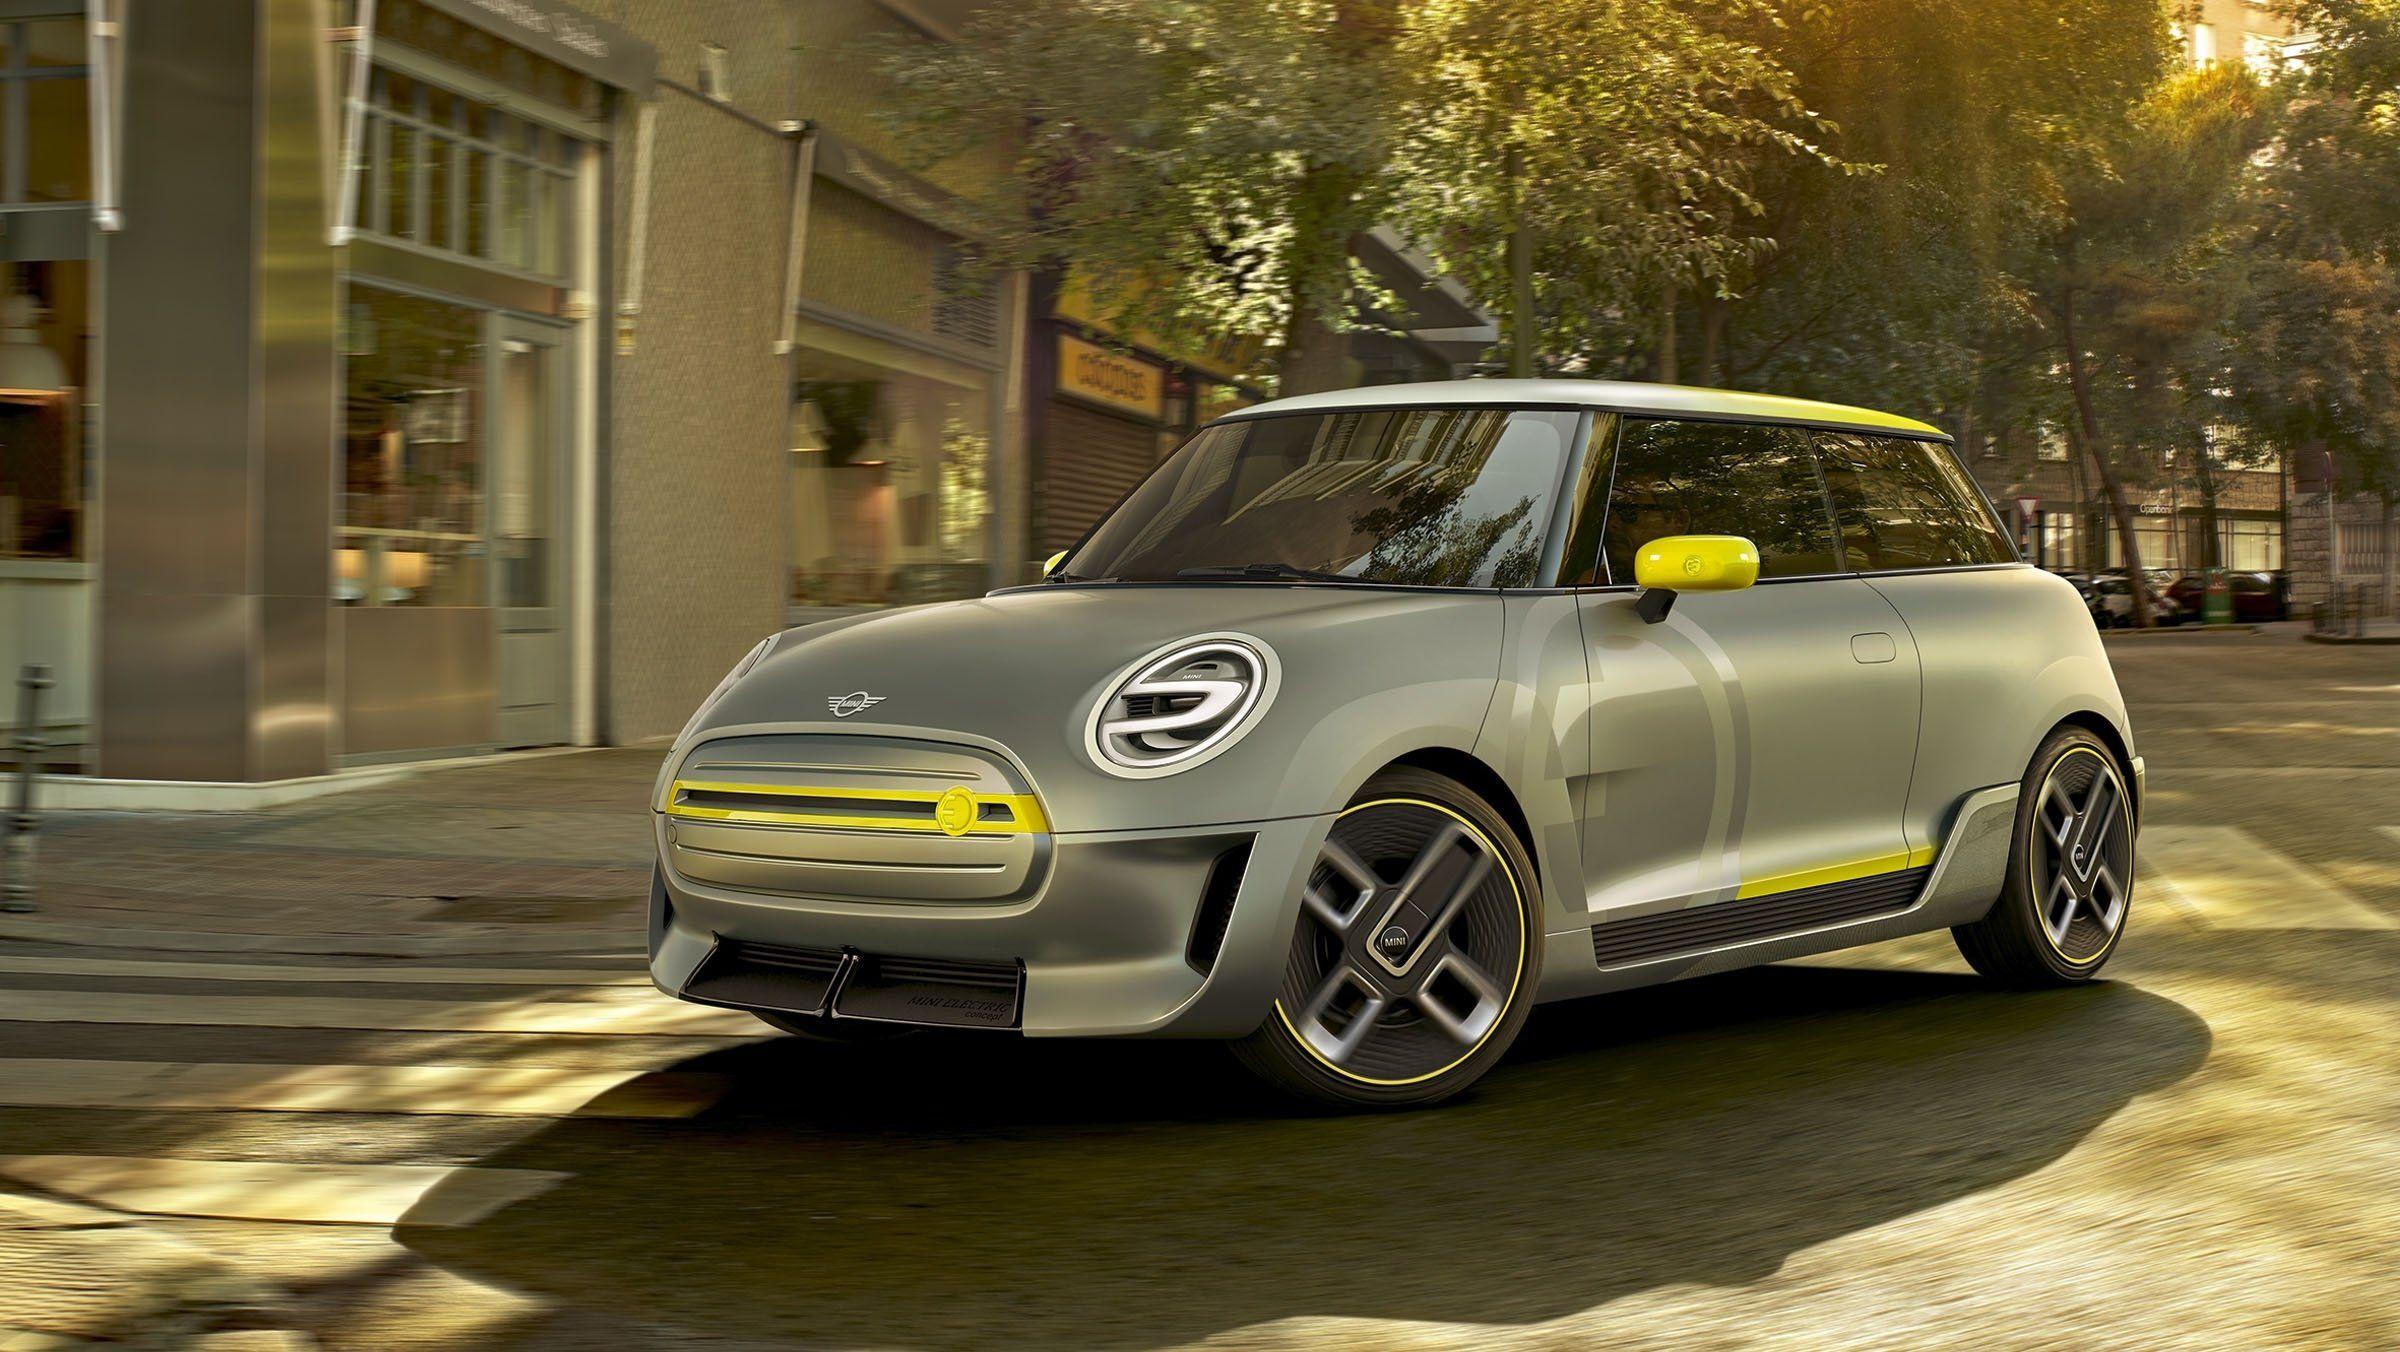 2017 Mini Electric Concept Carros Compactos Carros Eletricos